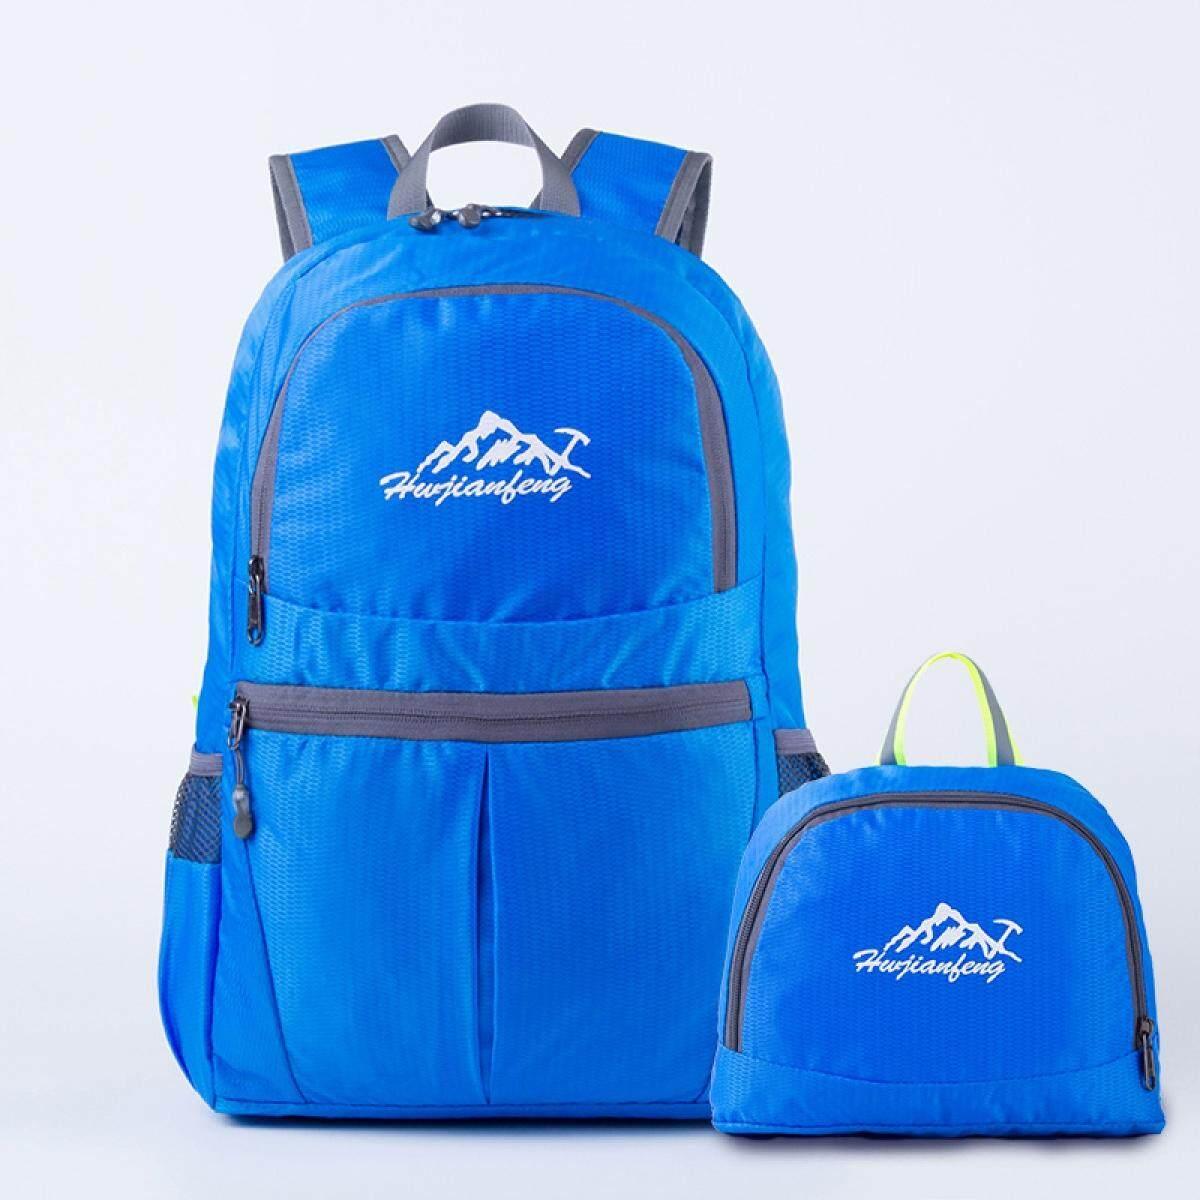 48ec806db622 Unisex Backpacks for sale - Unisex Travel Backpacks online brands ...